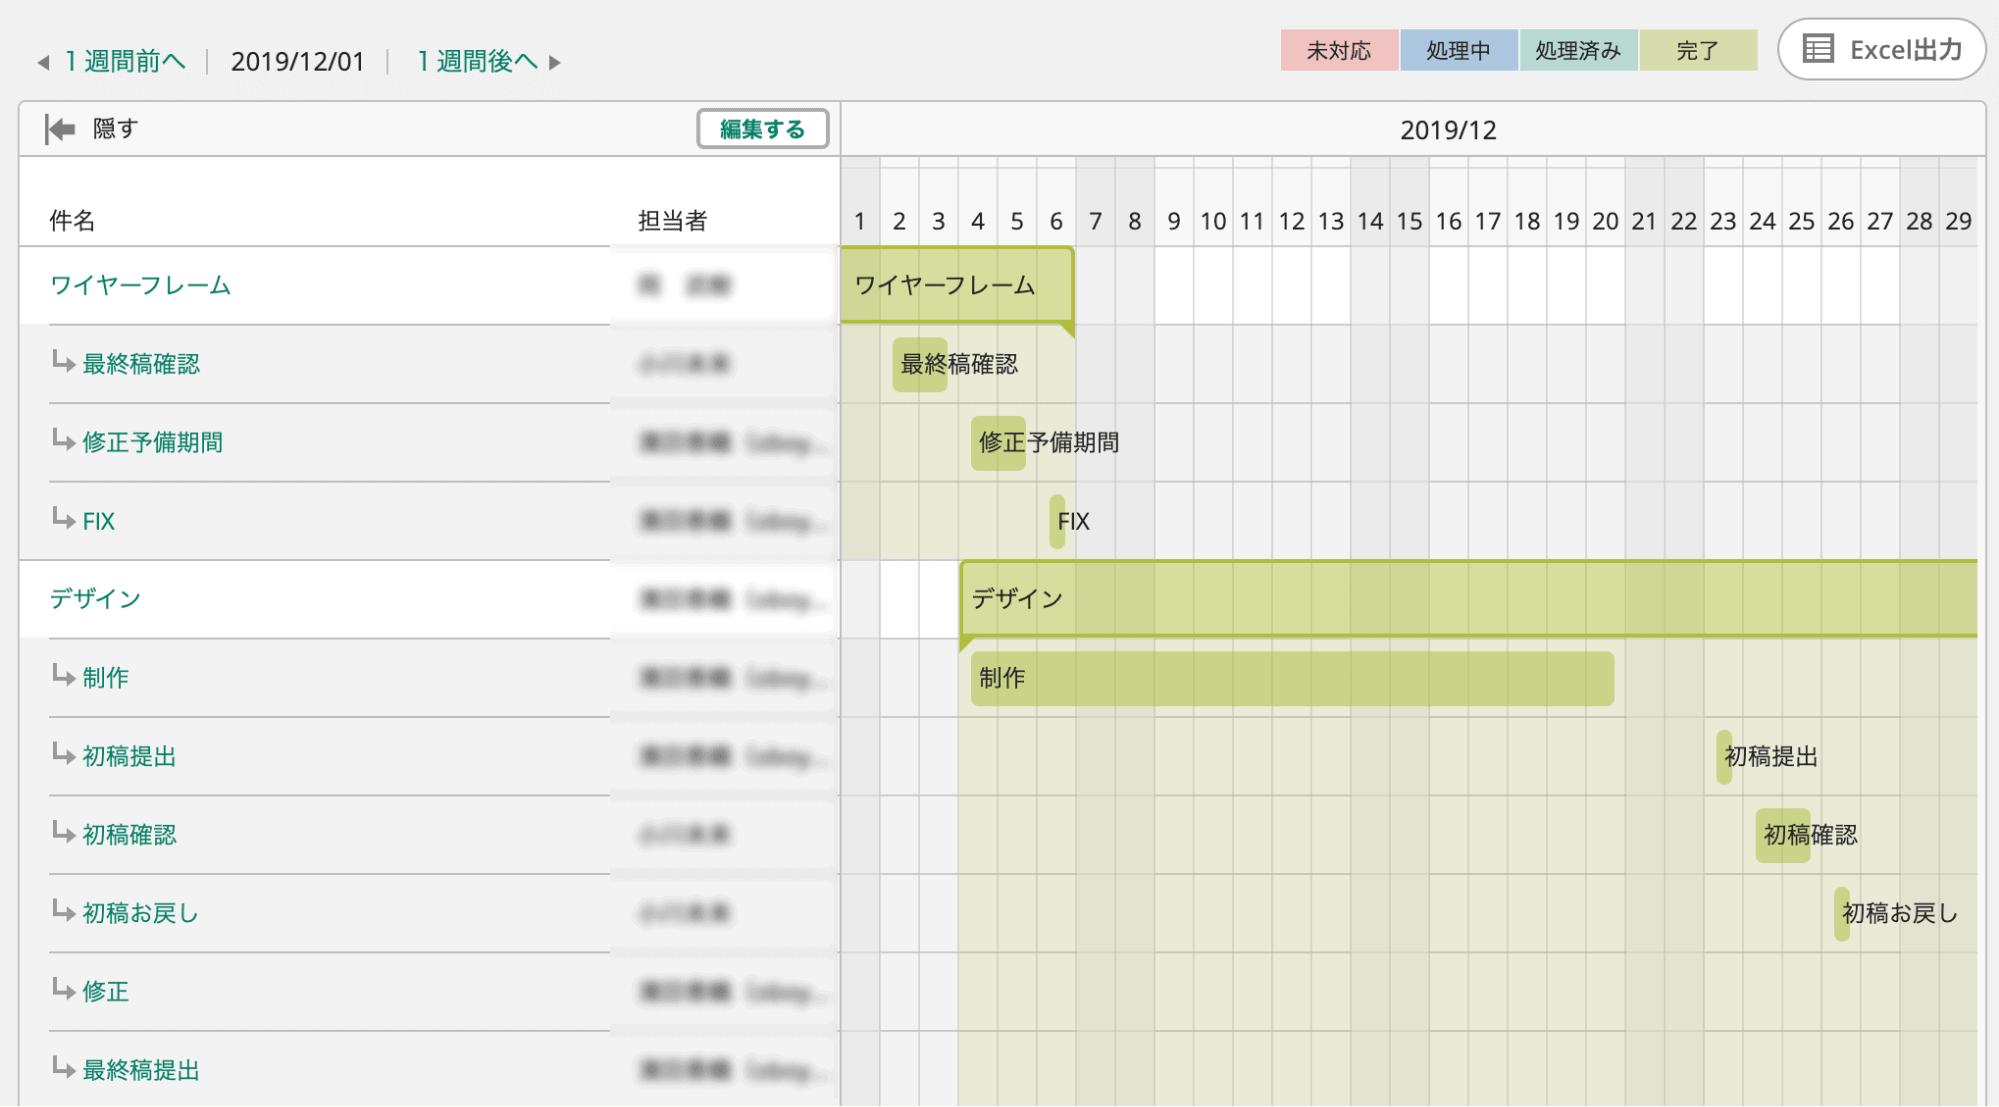 はてなブログMediaのCMSのデザインカスタマイズのために作られたガントチャート